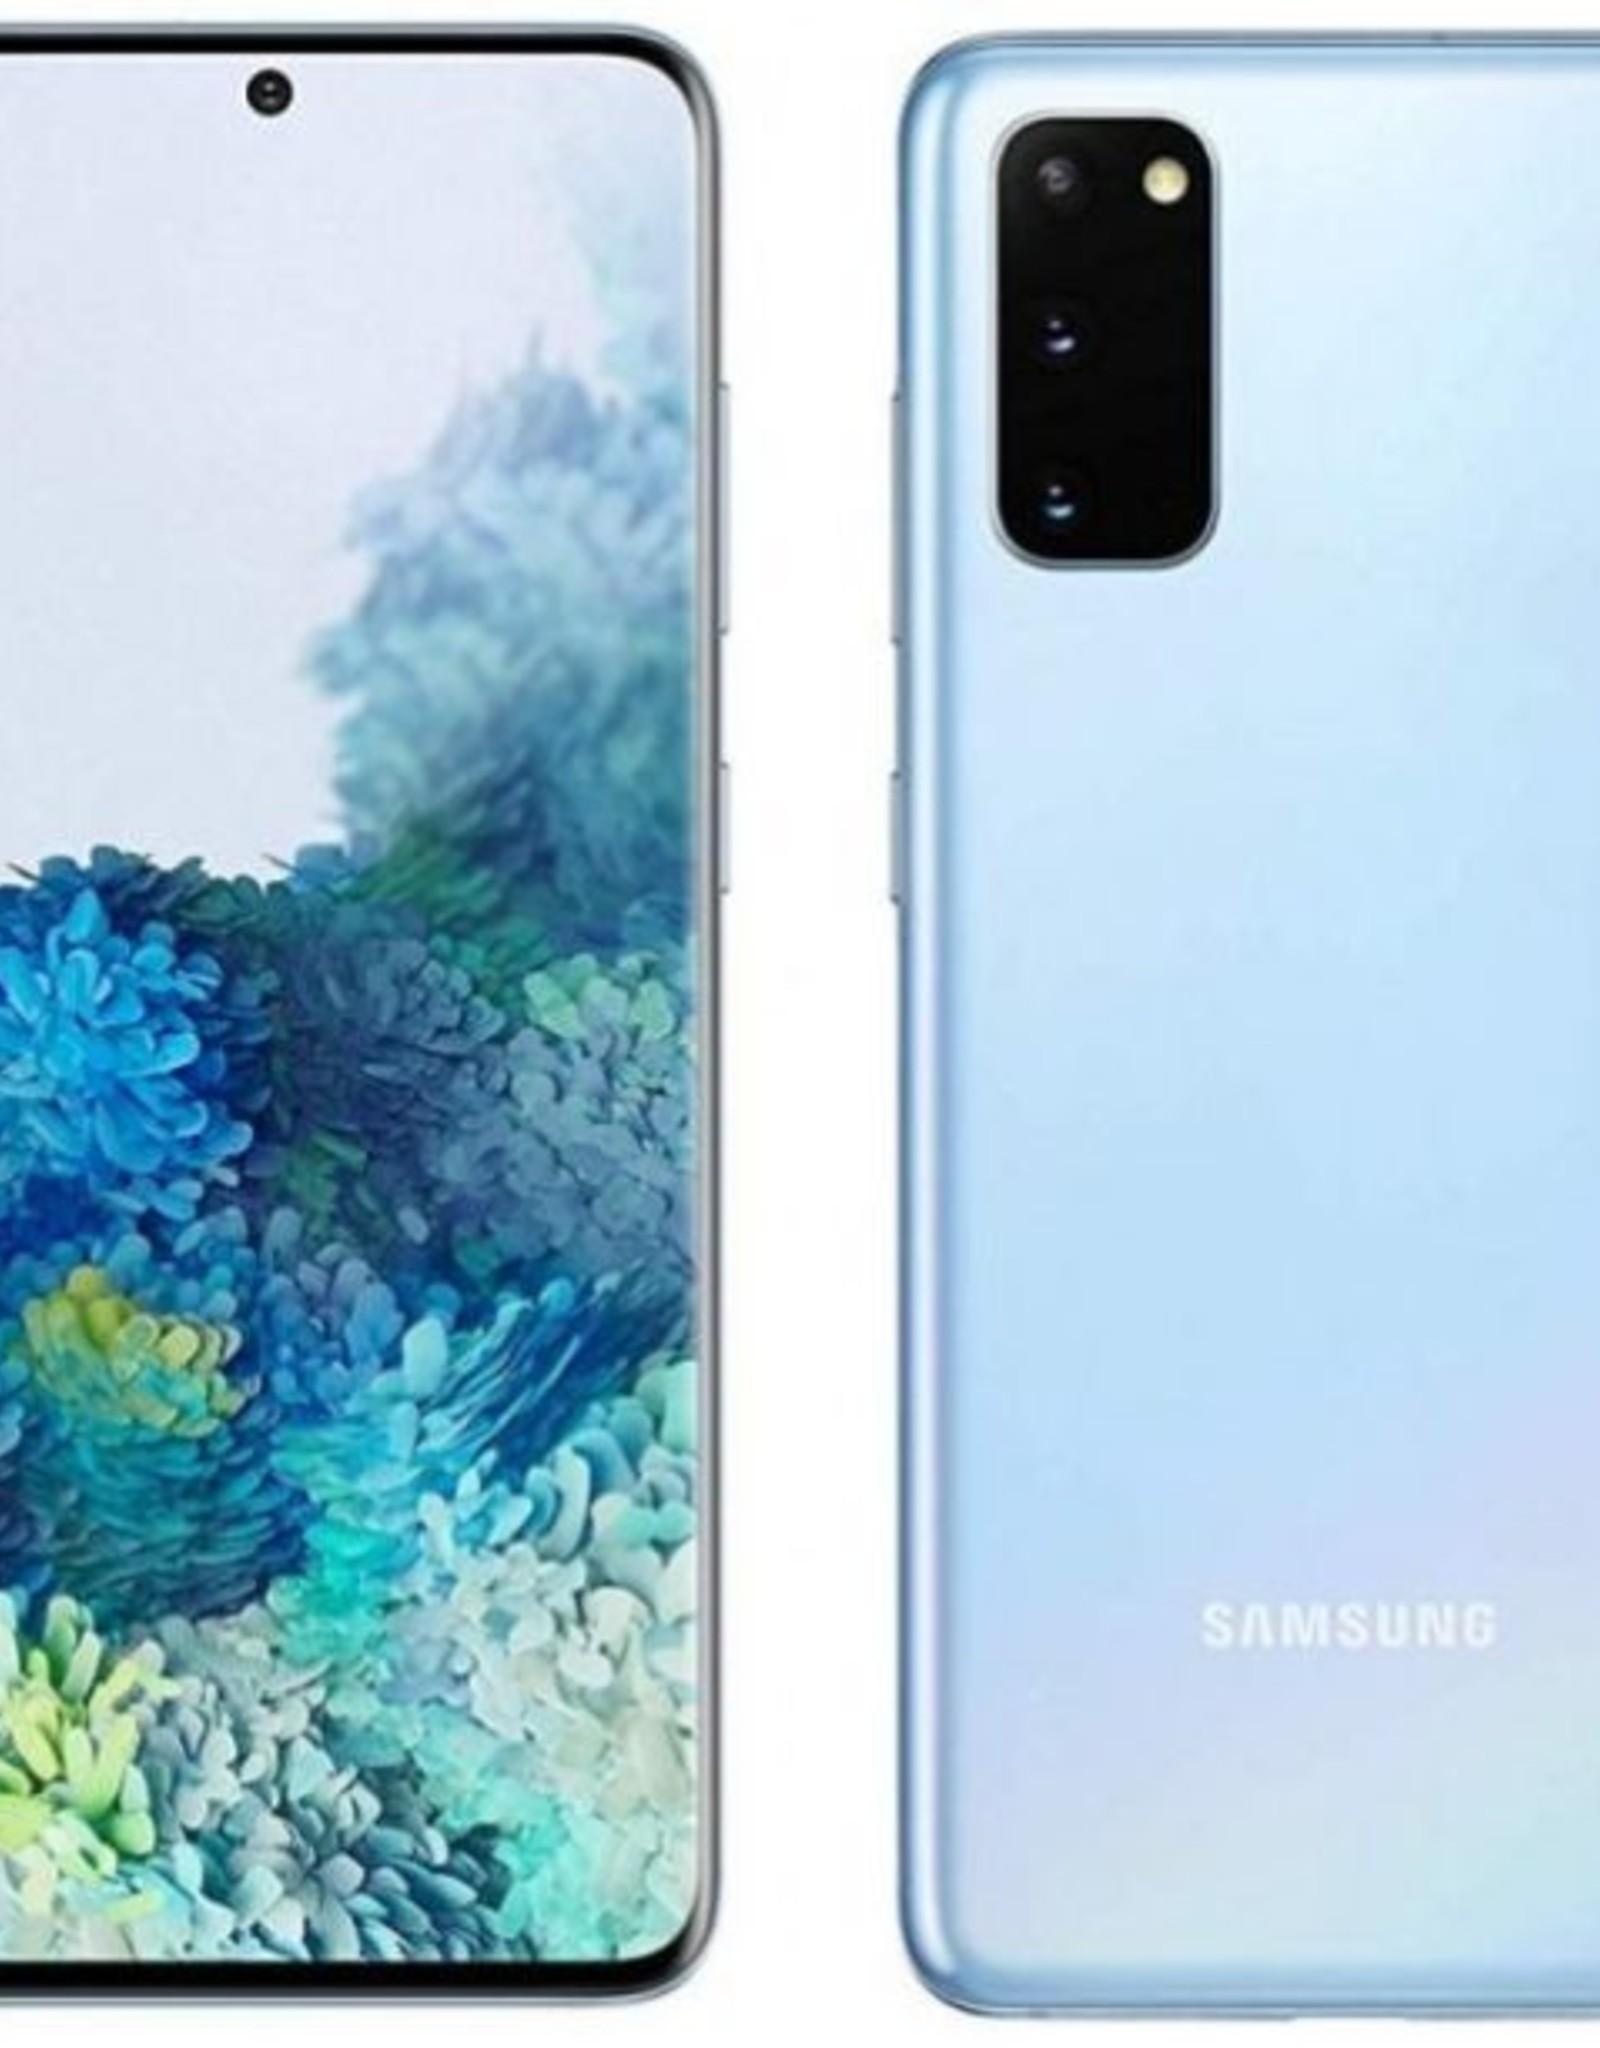 Samsung Samsung Galaxy S20 5G Dual Sim G981F 128GB Cloud Blue